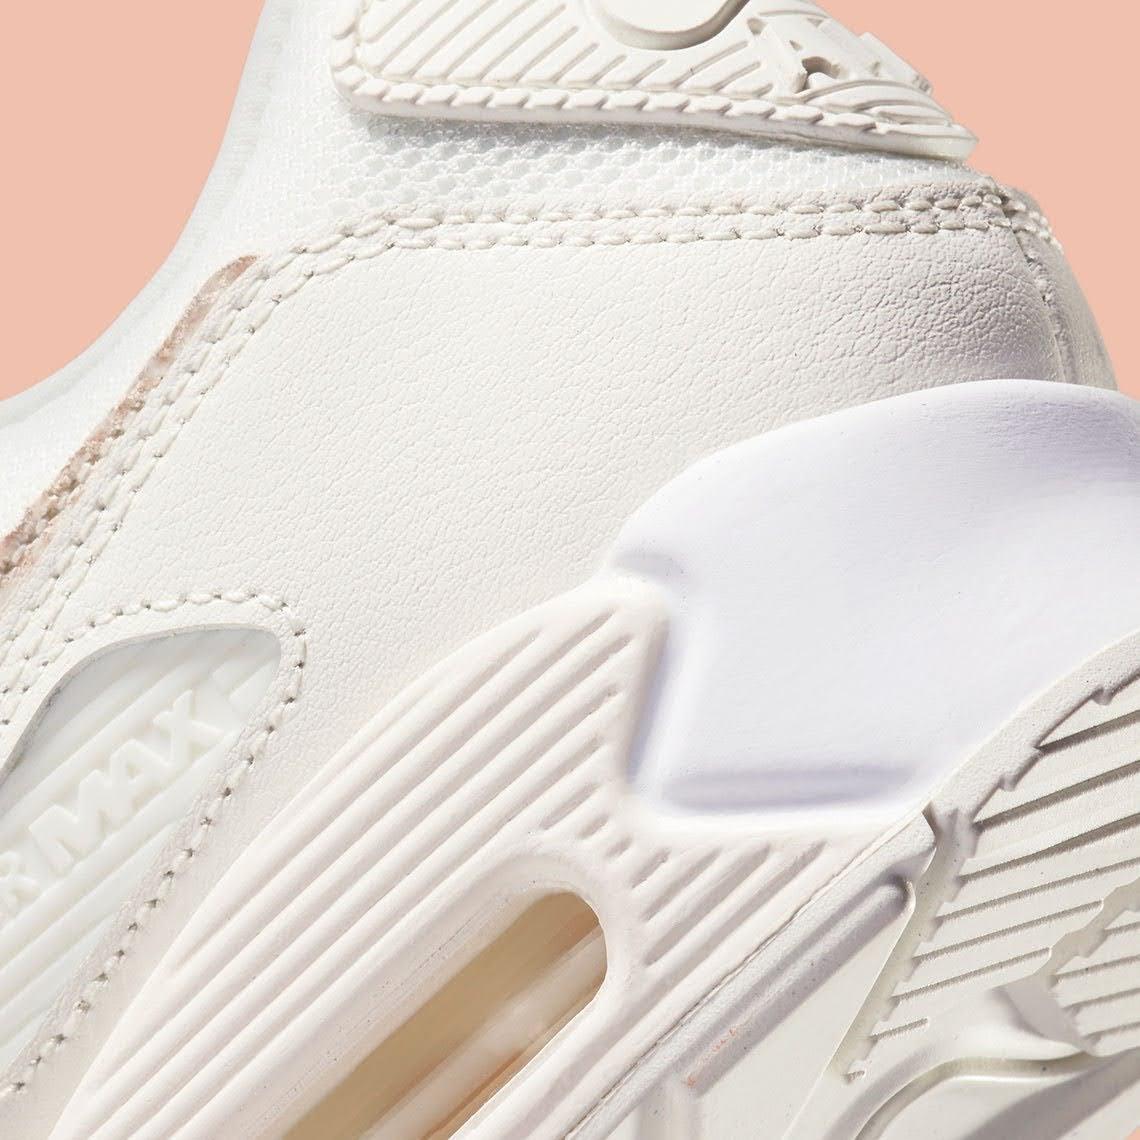 """ナイキ ウィメンズ エア マックス 90 """"ベージュ スネーク"""" Nike-WMNS-Air-Max-90-Beige-Snake-DH4115-101-heel-closeup"""